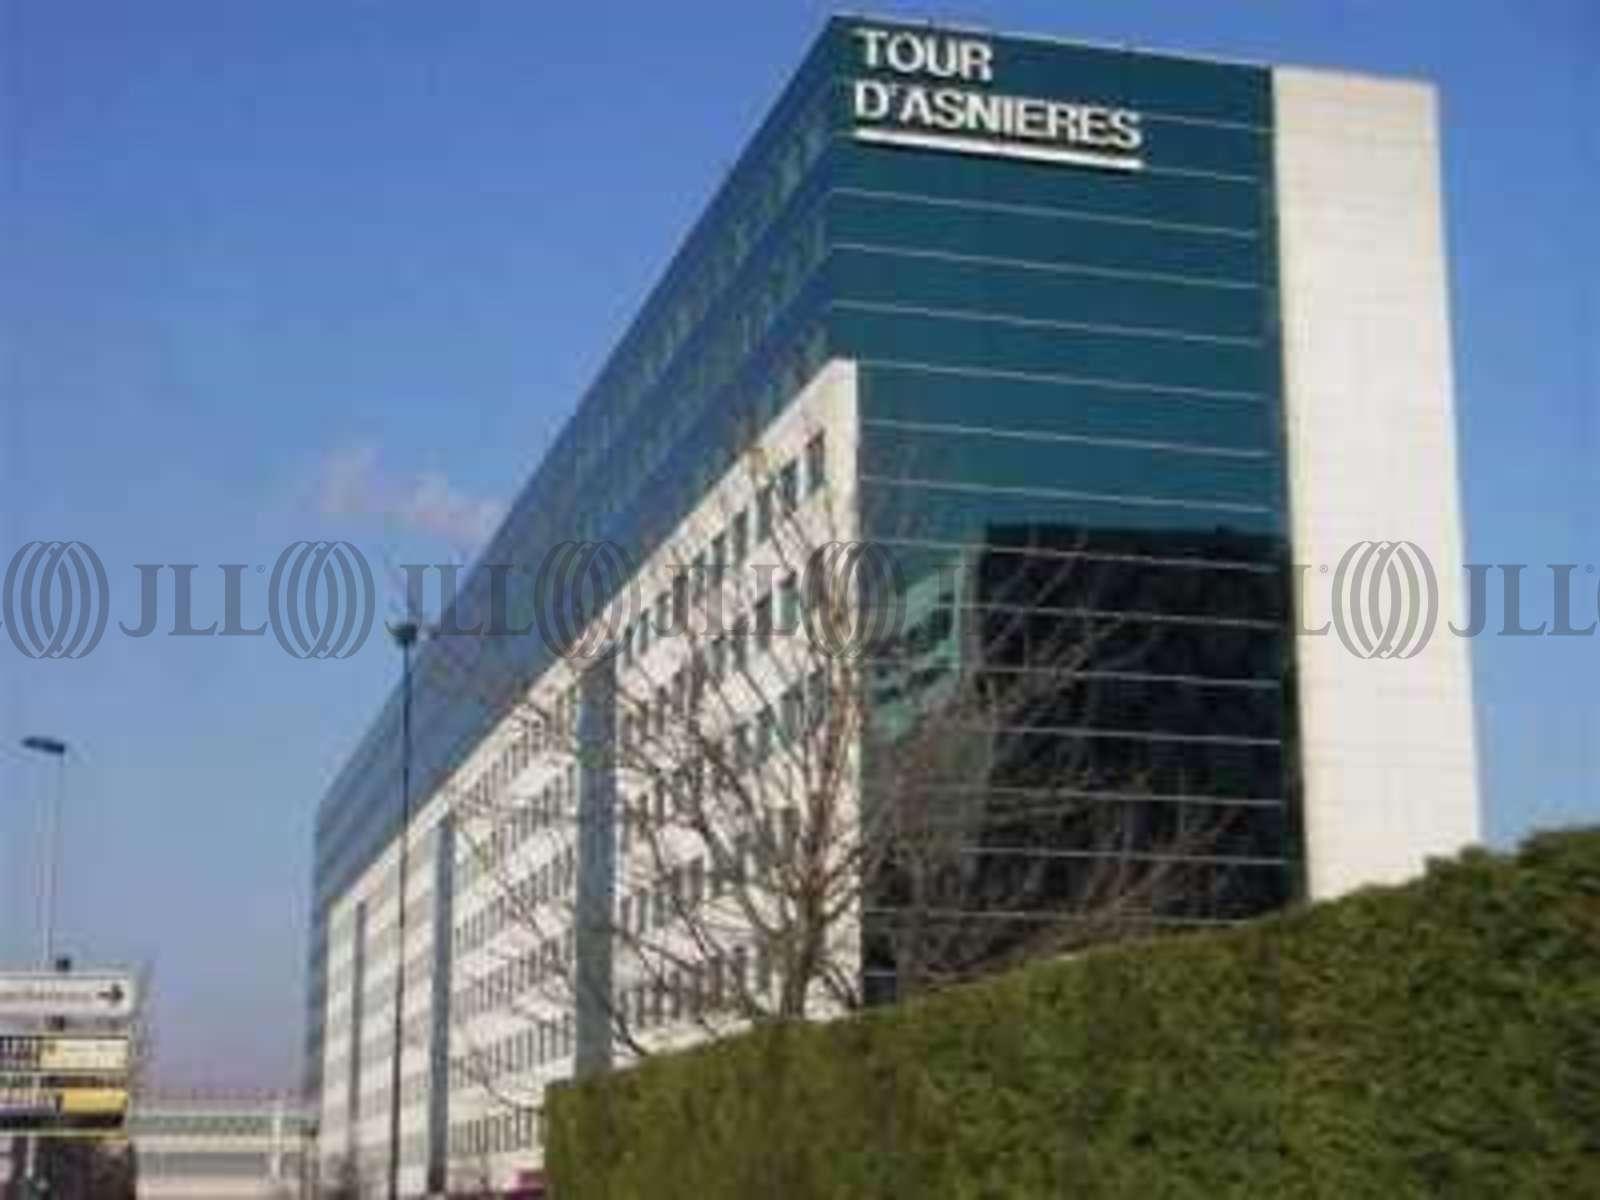 Bureaux Louer Vendre TOUR DASNIERES 92600 ASNIERES SUR SEINE